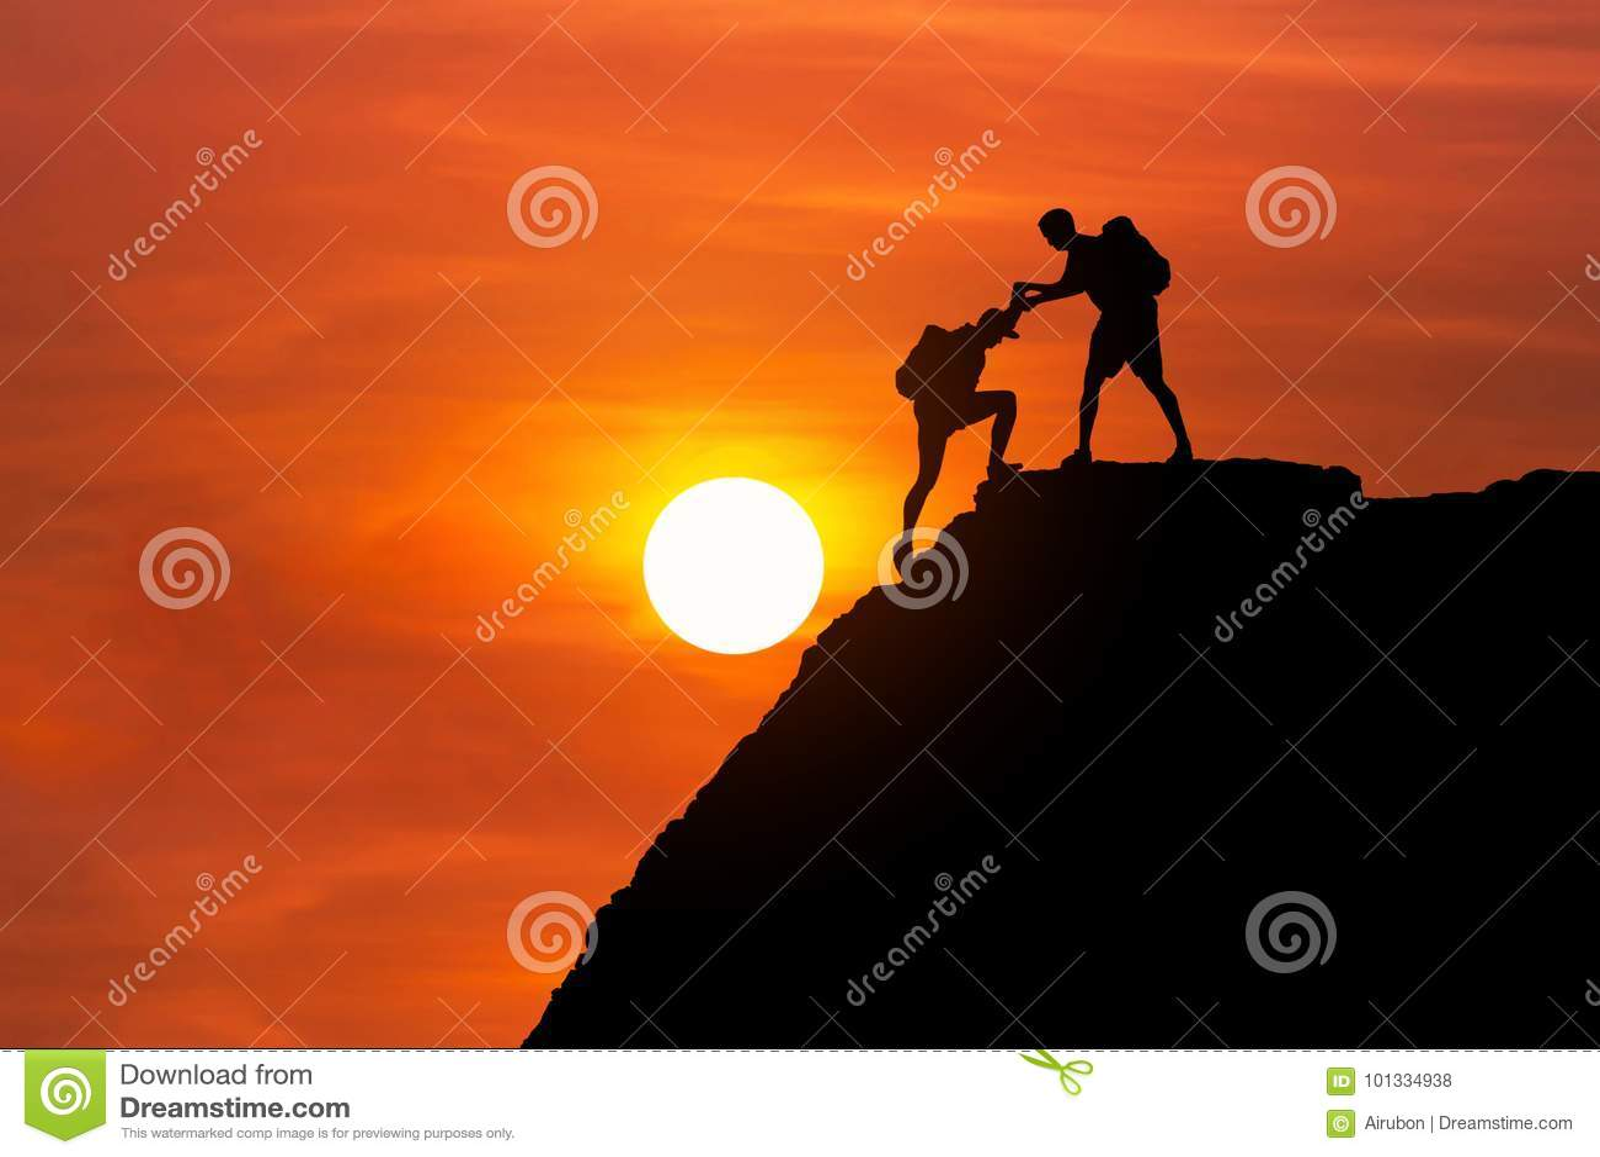 El montañés de la silueta da a mano amiga su amigo para subir la alta montaña del acantilado junto